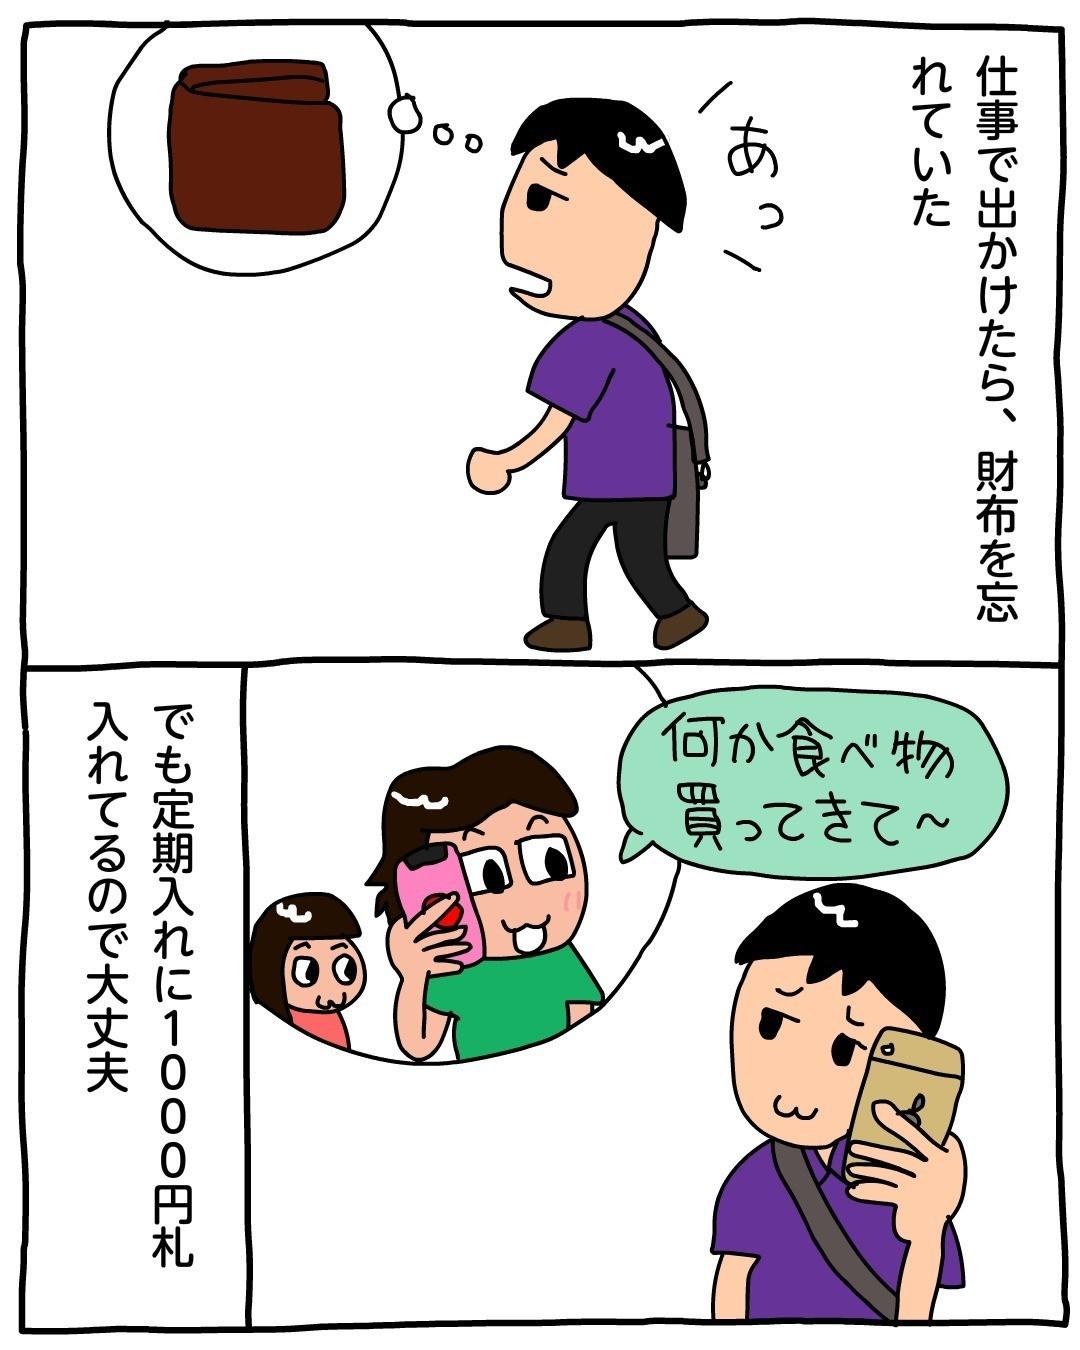 仕事で出かけたら、財布を忘れていた。でも定期入れに1000円札入れてるので大丈夫